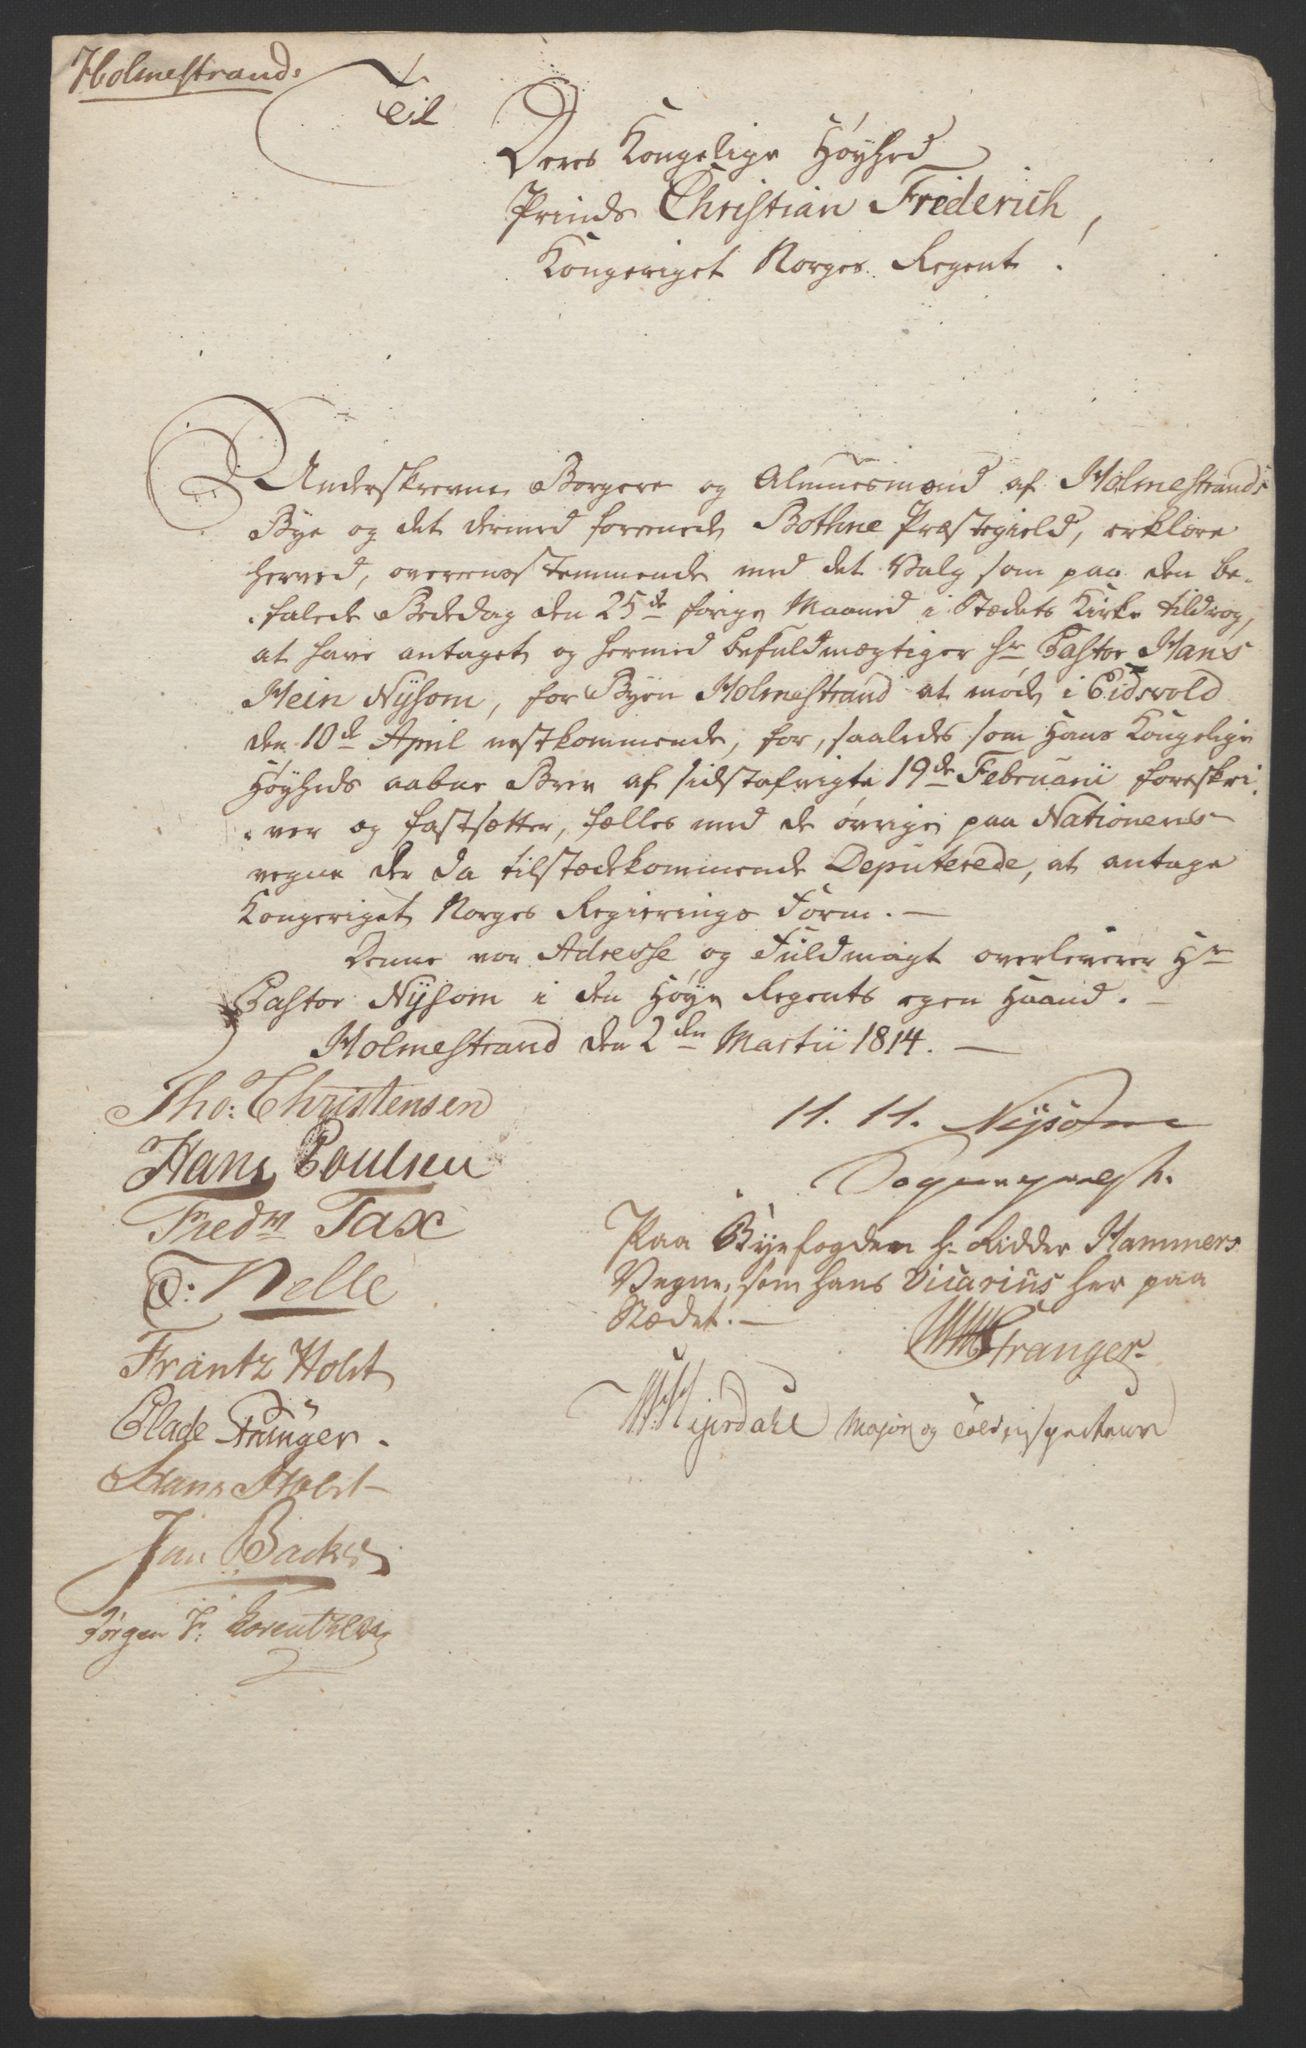 RA, Statsrådssekretariatet, D/Db/L0007: Fullmakter for Eidsvollsrepresentantene i 1814. , 1814, s. 19